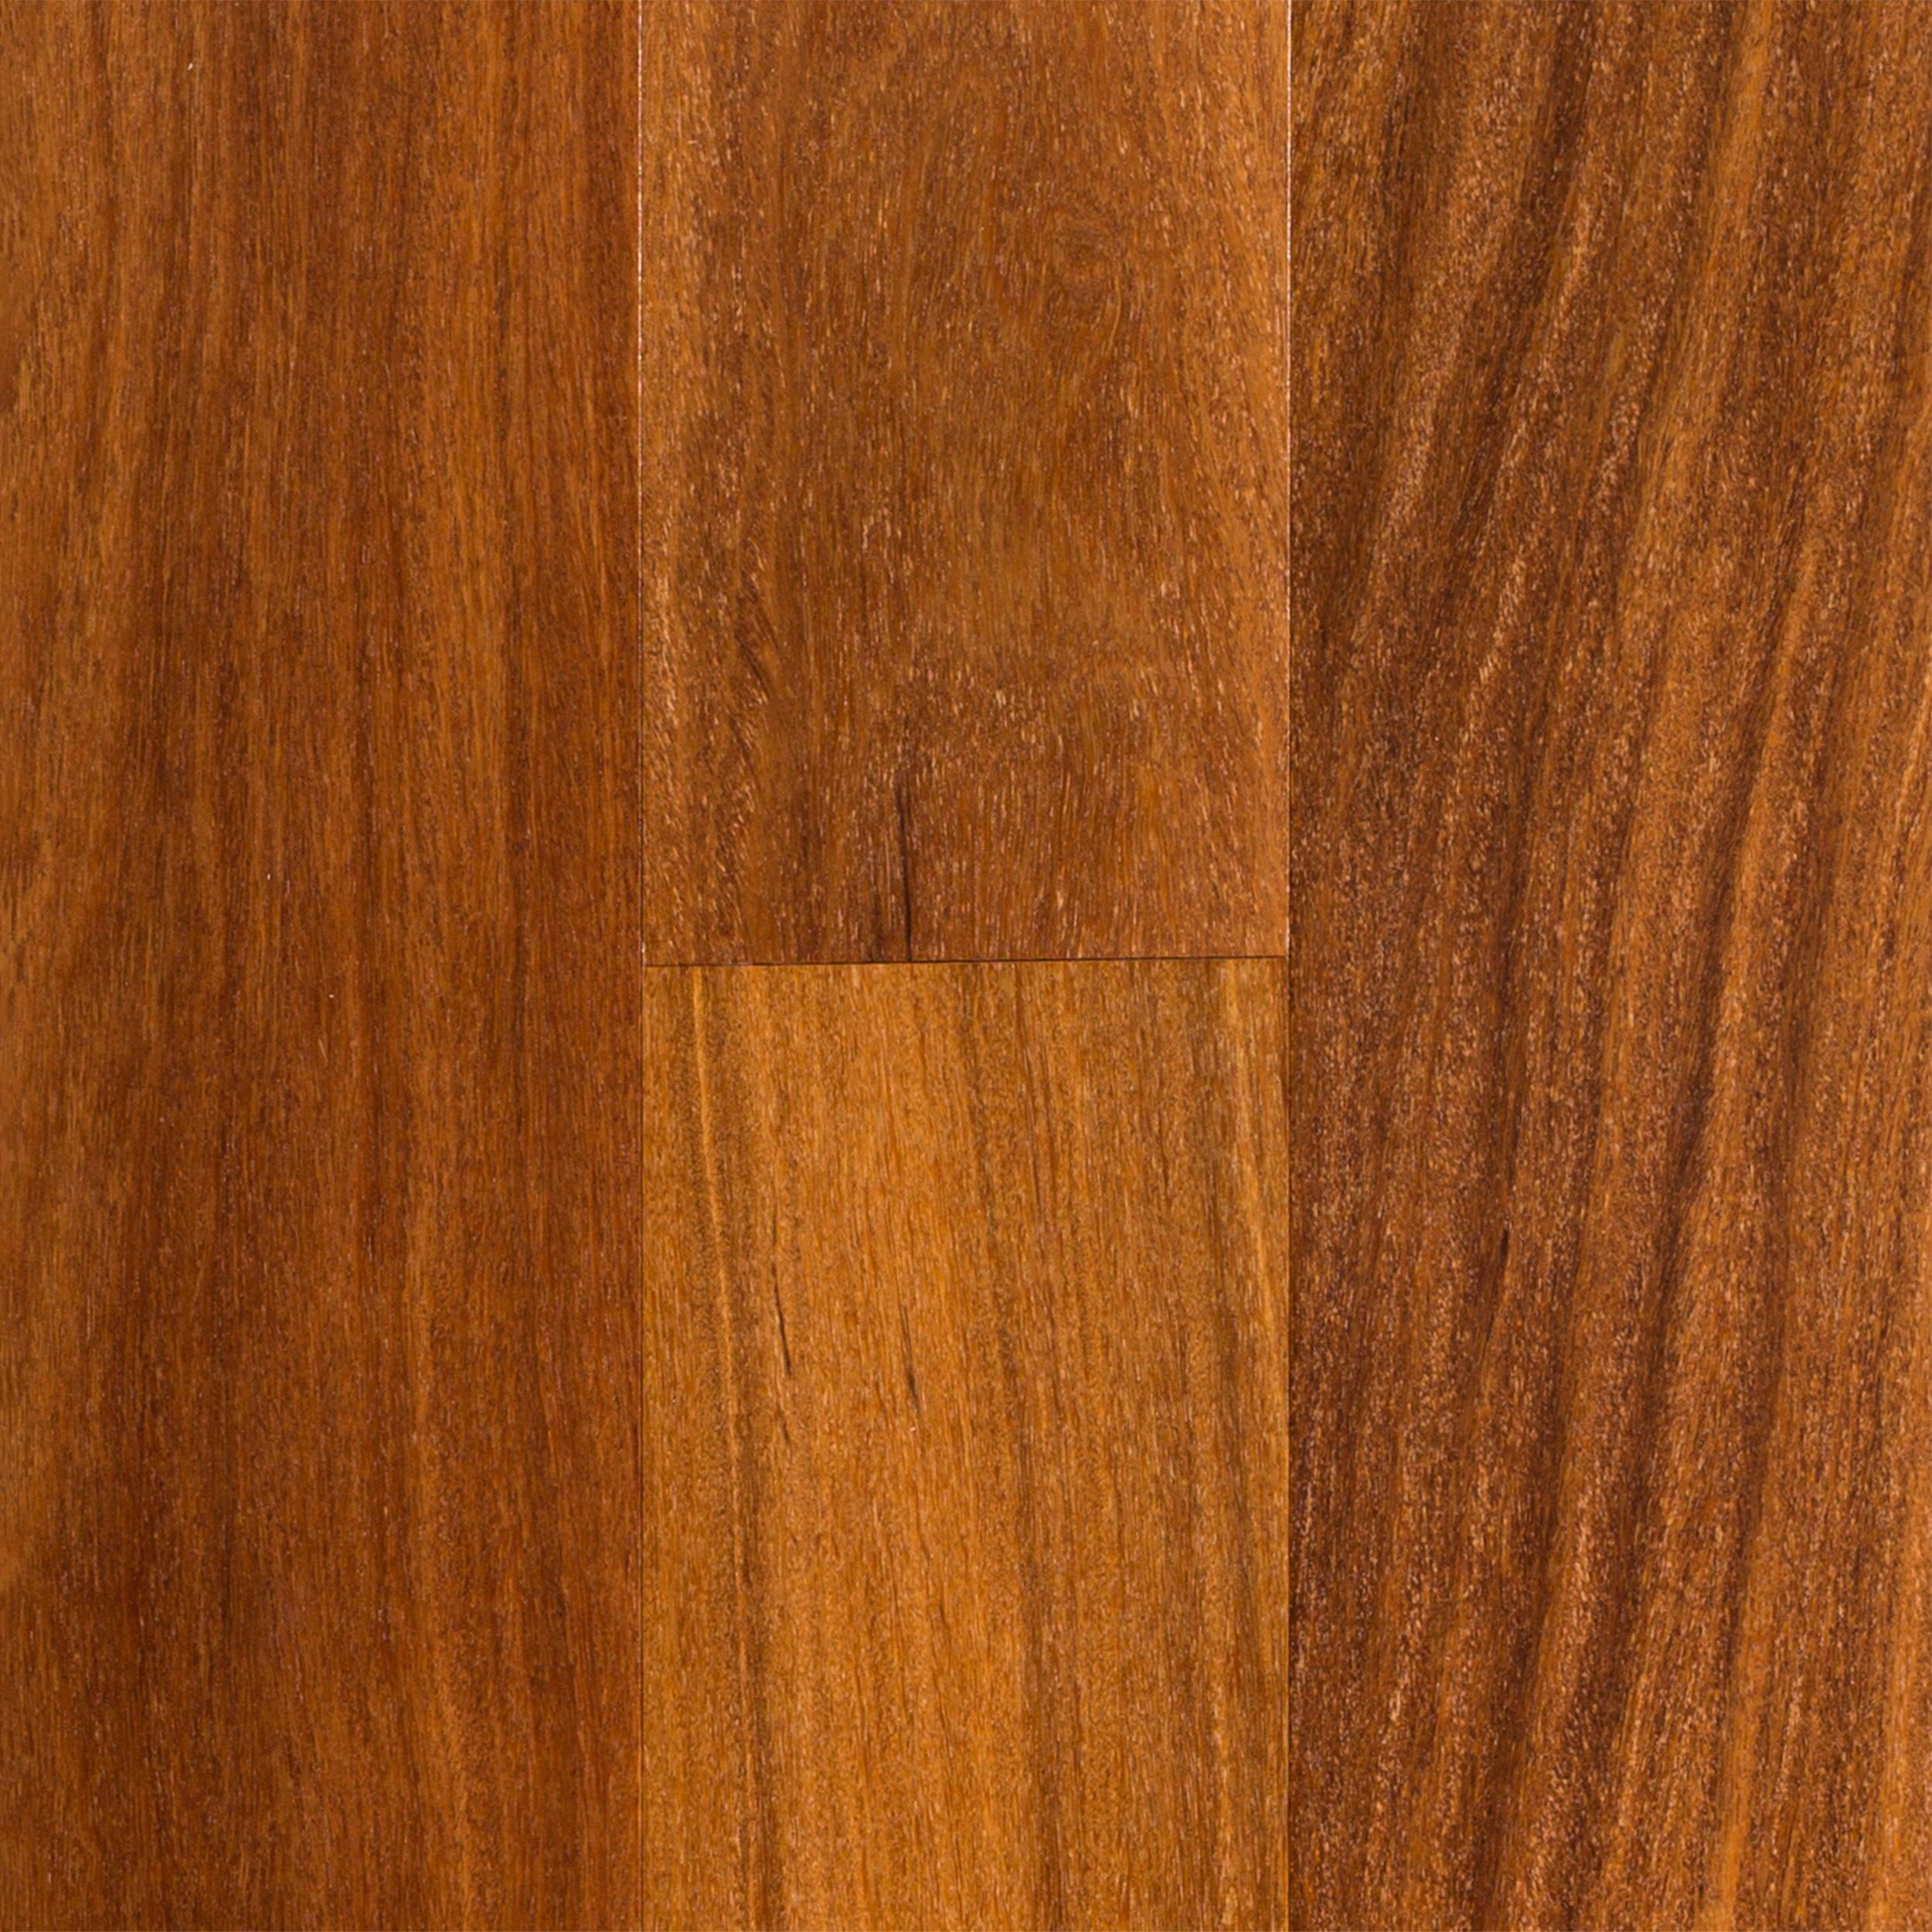 Attractive Brazilian Teak Smooth Engineered Hardwood   1/2in. X 5in.   100119361 |  Floor And Decor